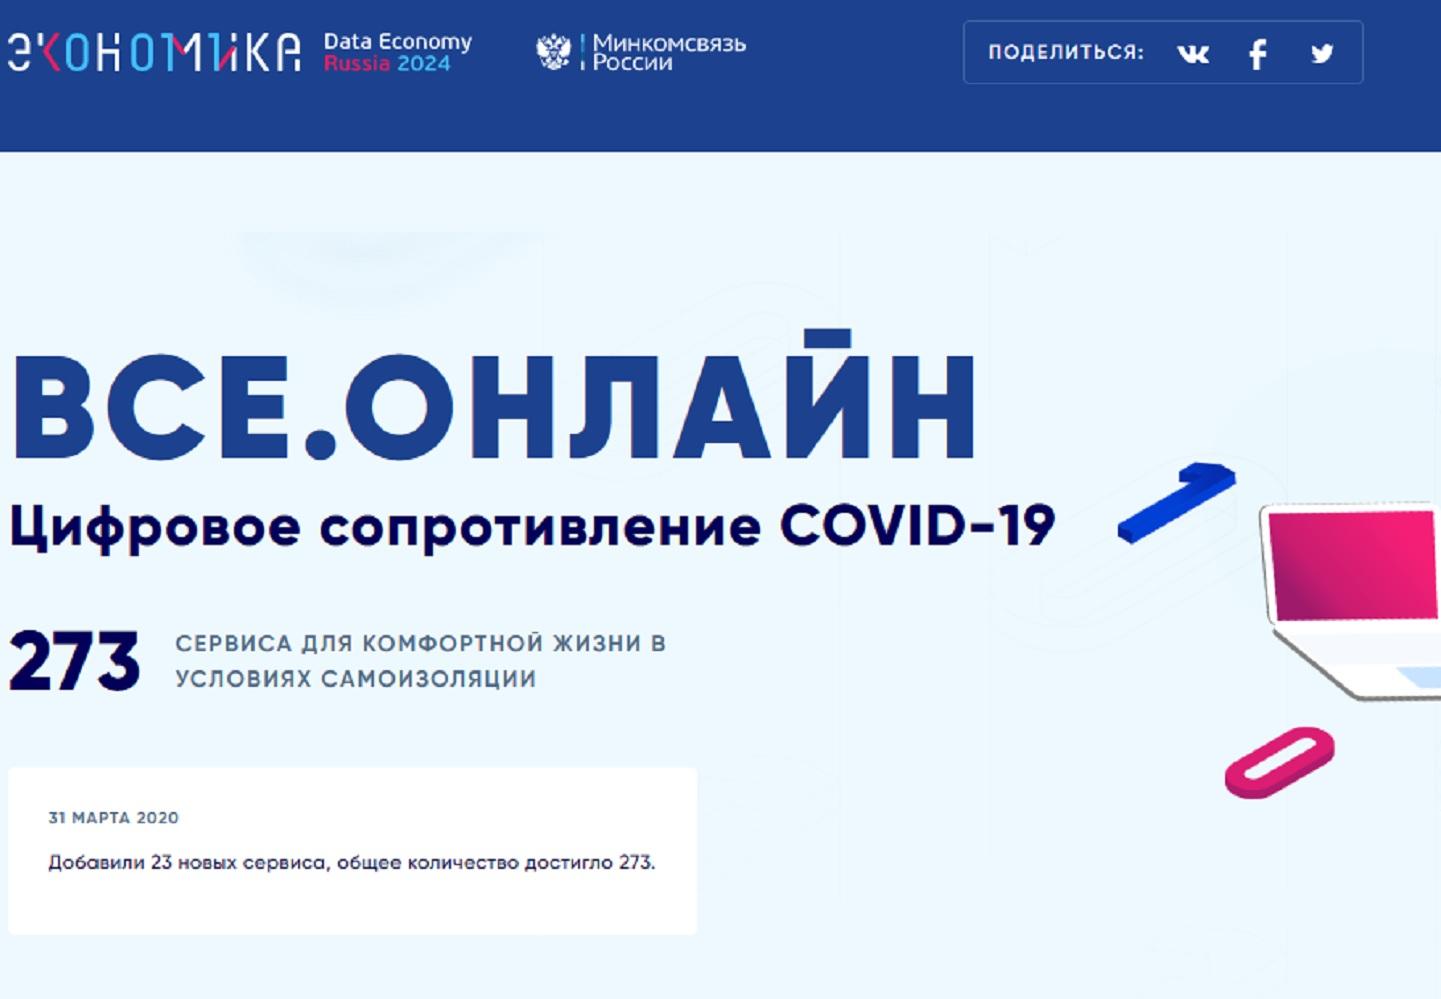 obrazovatelnyj-tsentr-moj-universitet-teper-dostupen-i-na-portale-vse-onlajn